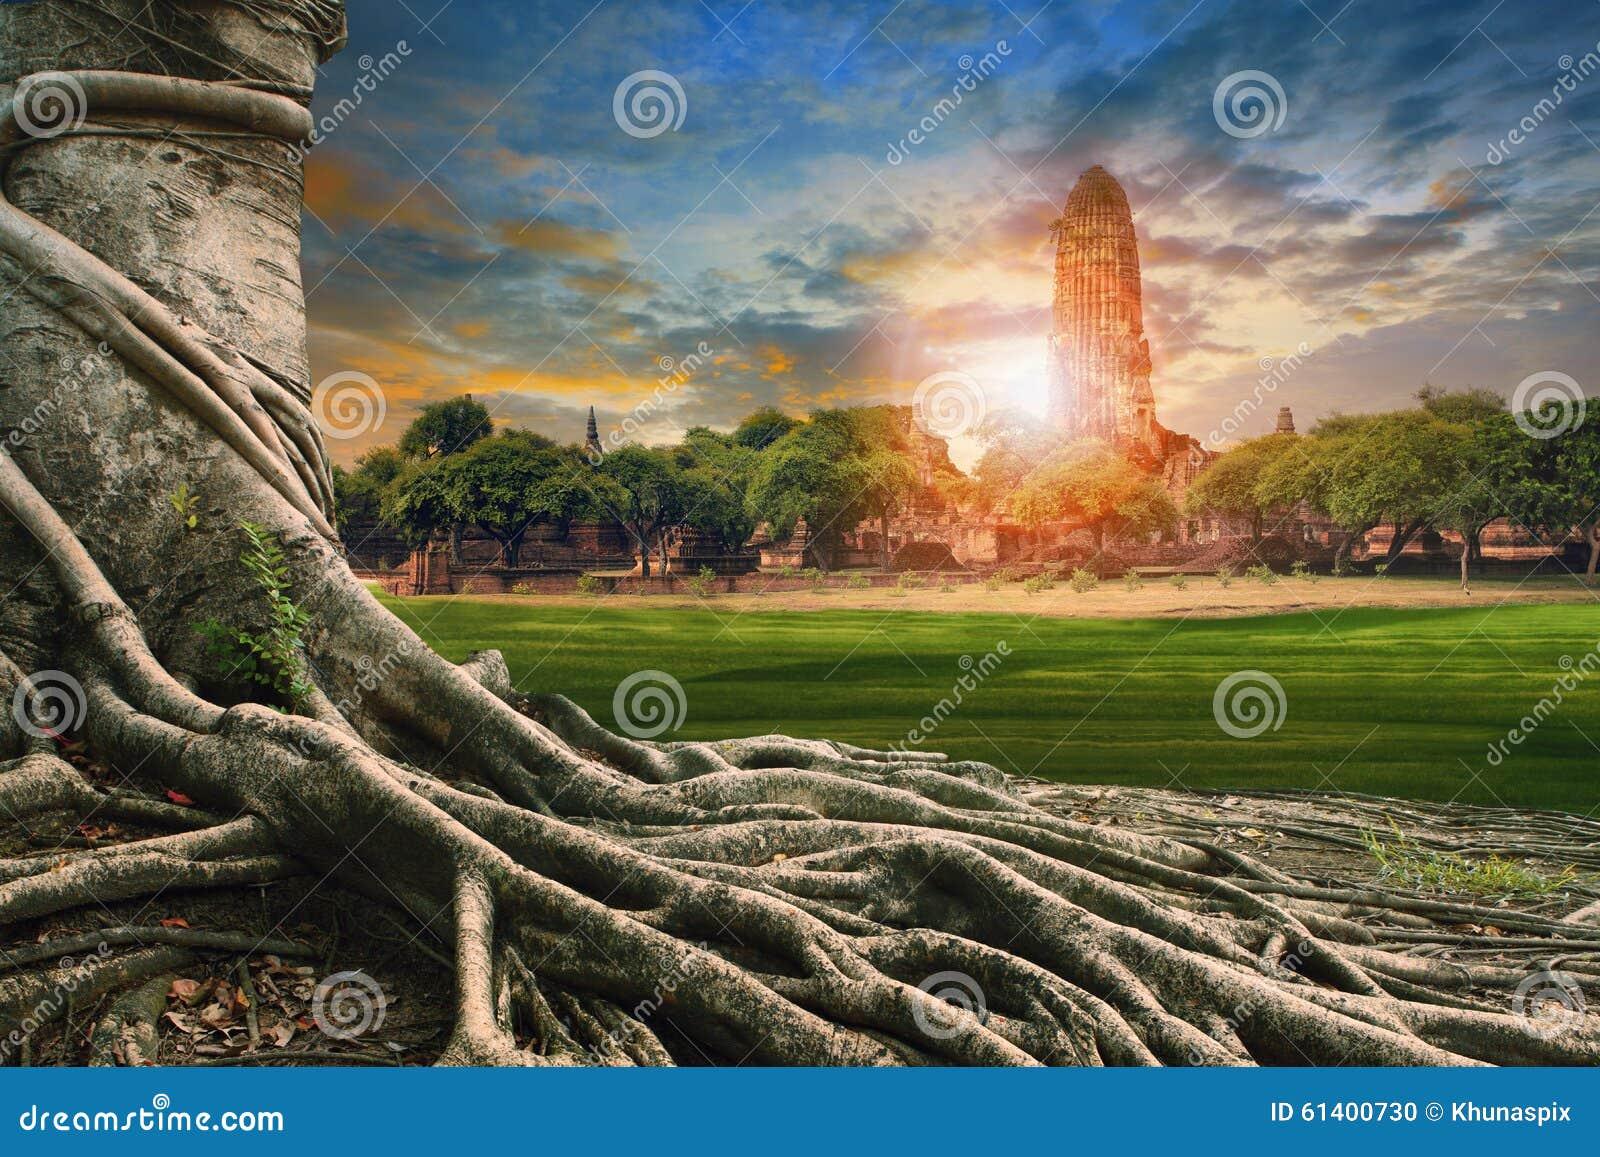 Grote wortel van banyan boomland scape van oude en oude pagode binnen